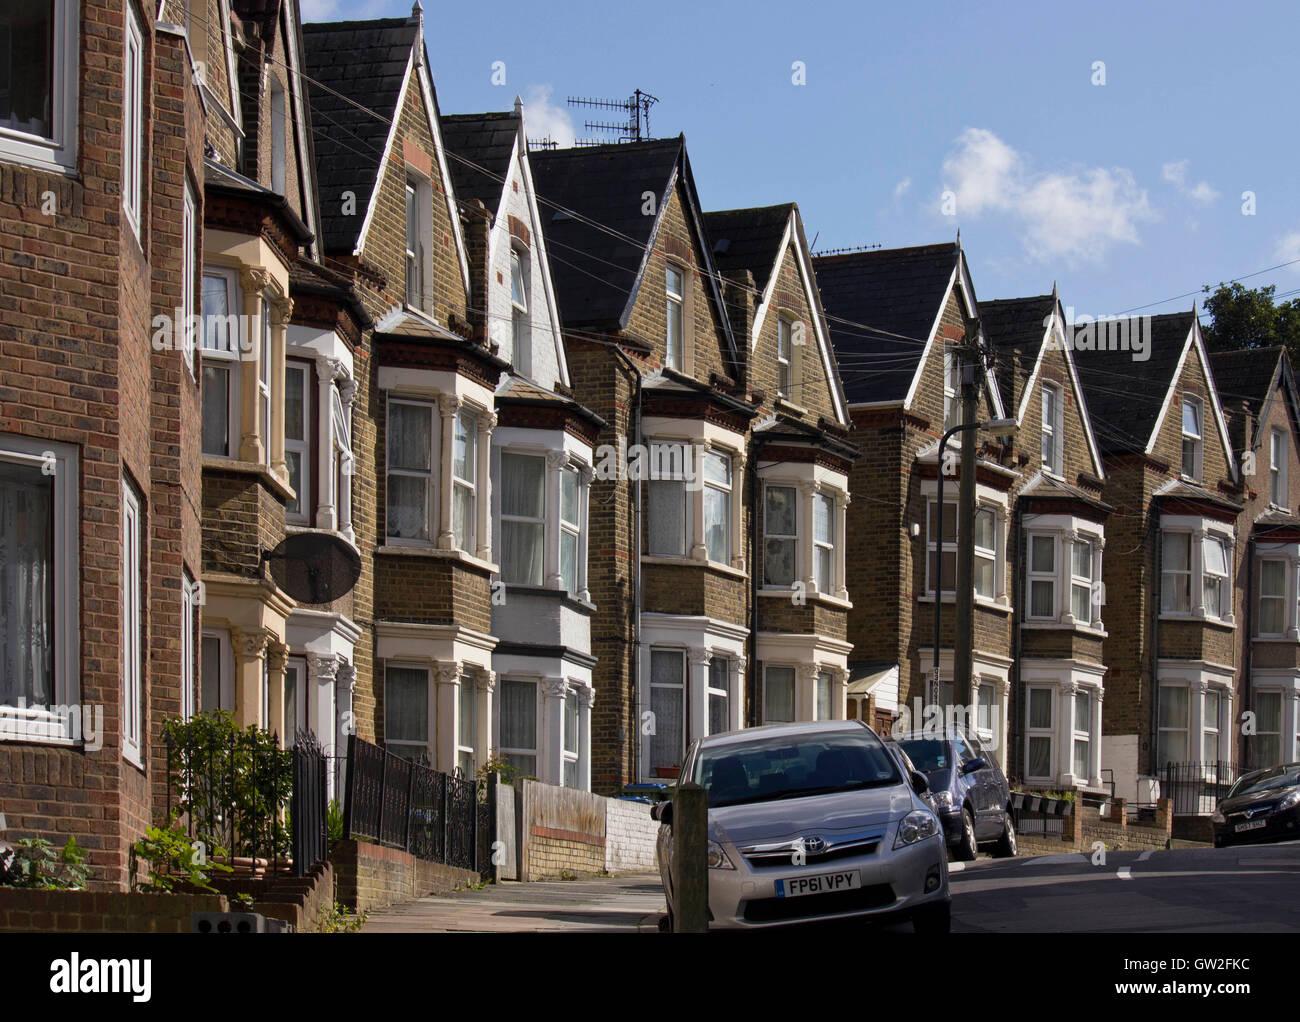 Cumbria New Build Homes